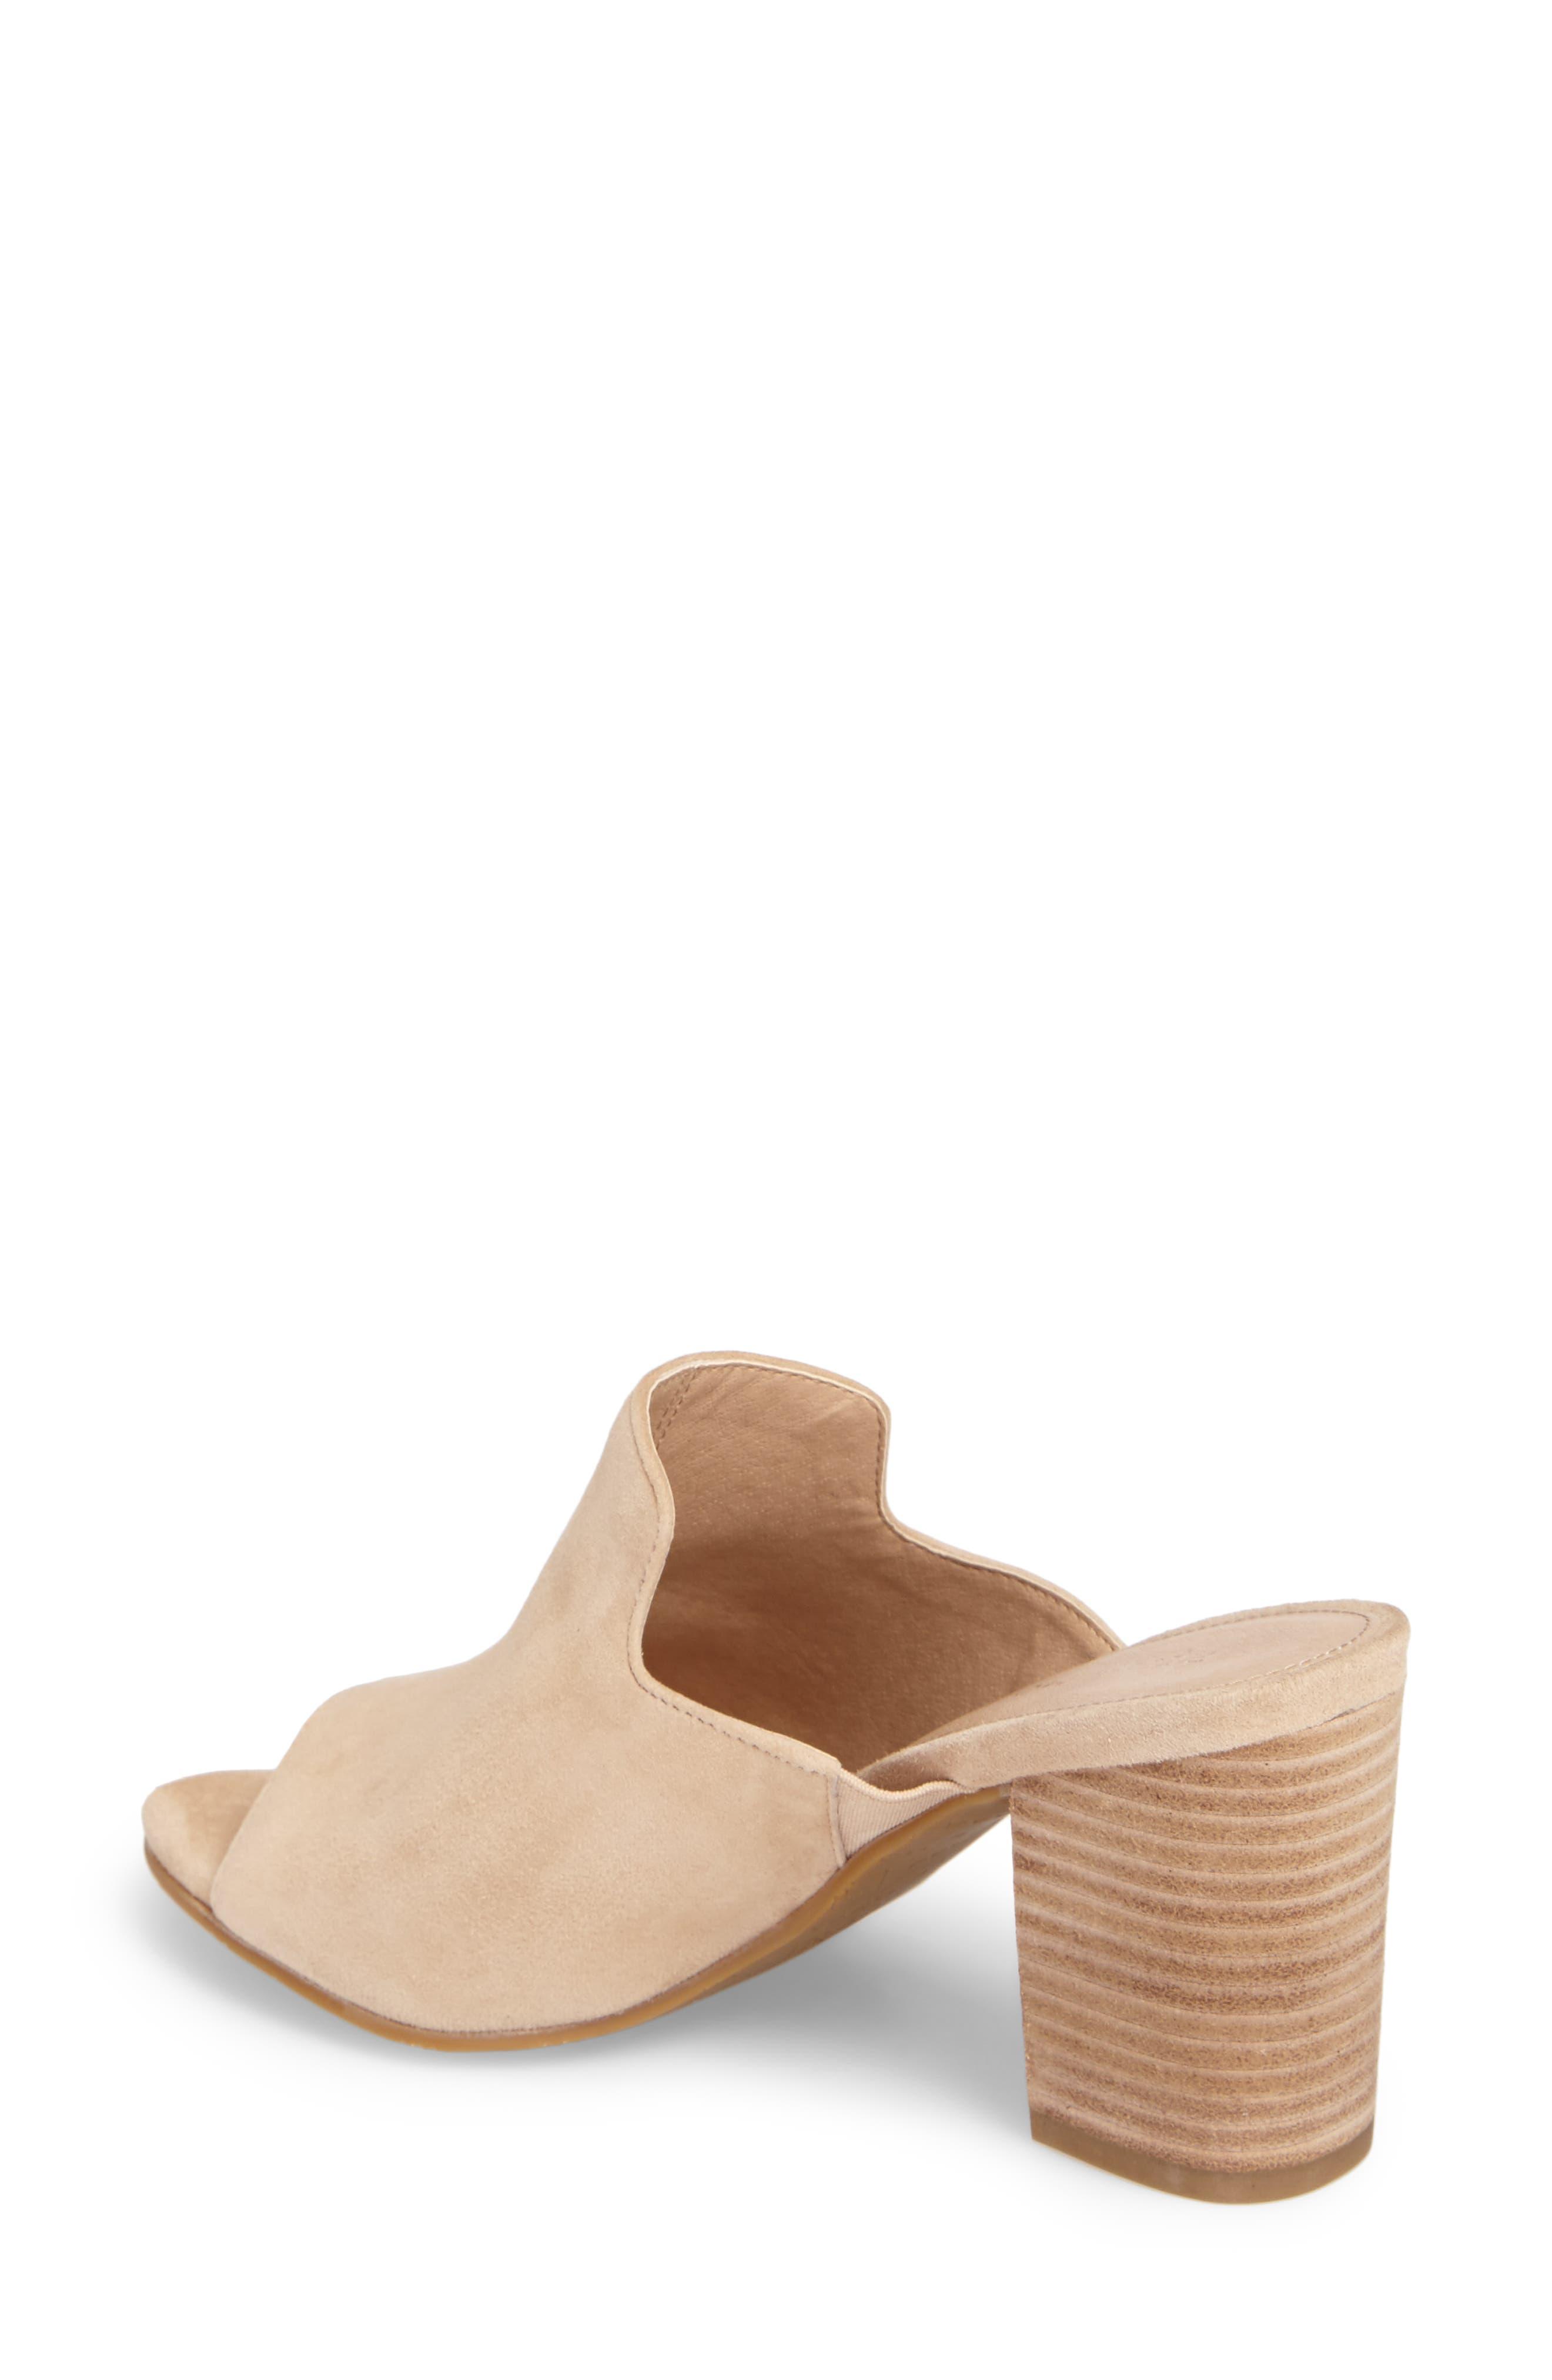 Blair Peep Toe Mule,                             Alternate thumbnail 2, color,                             Sand Leather